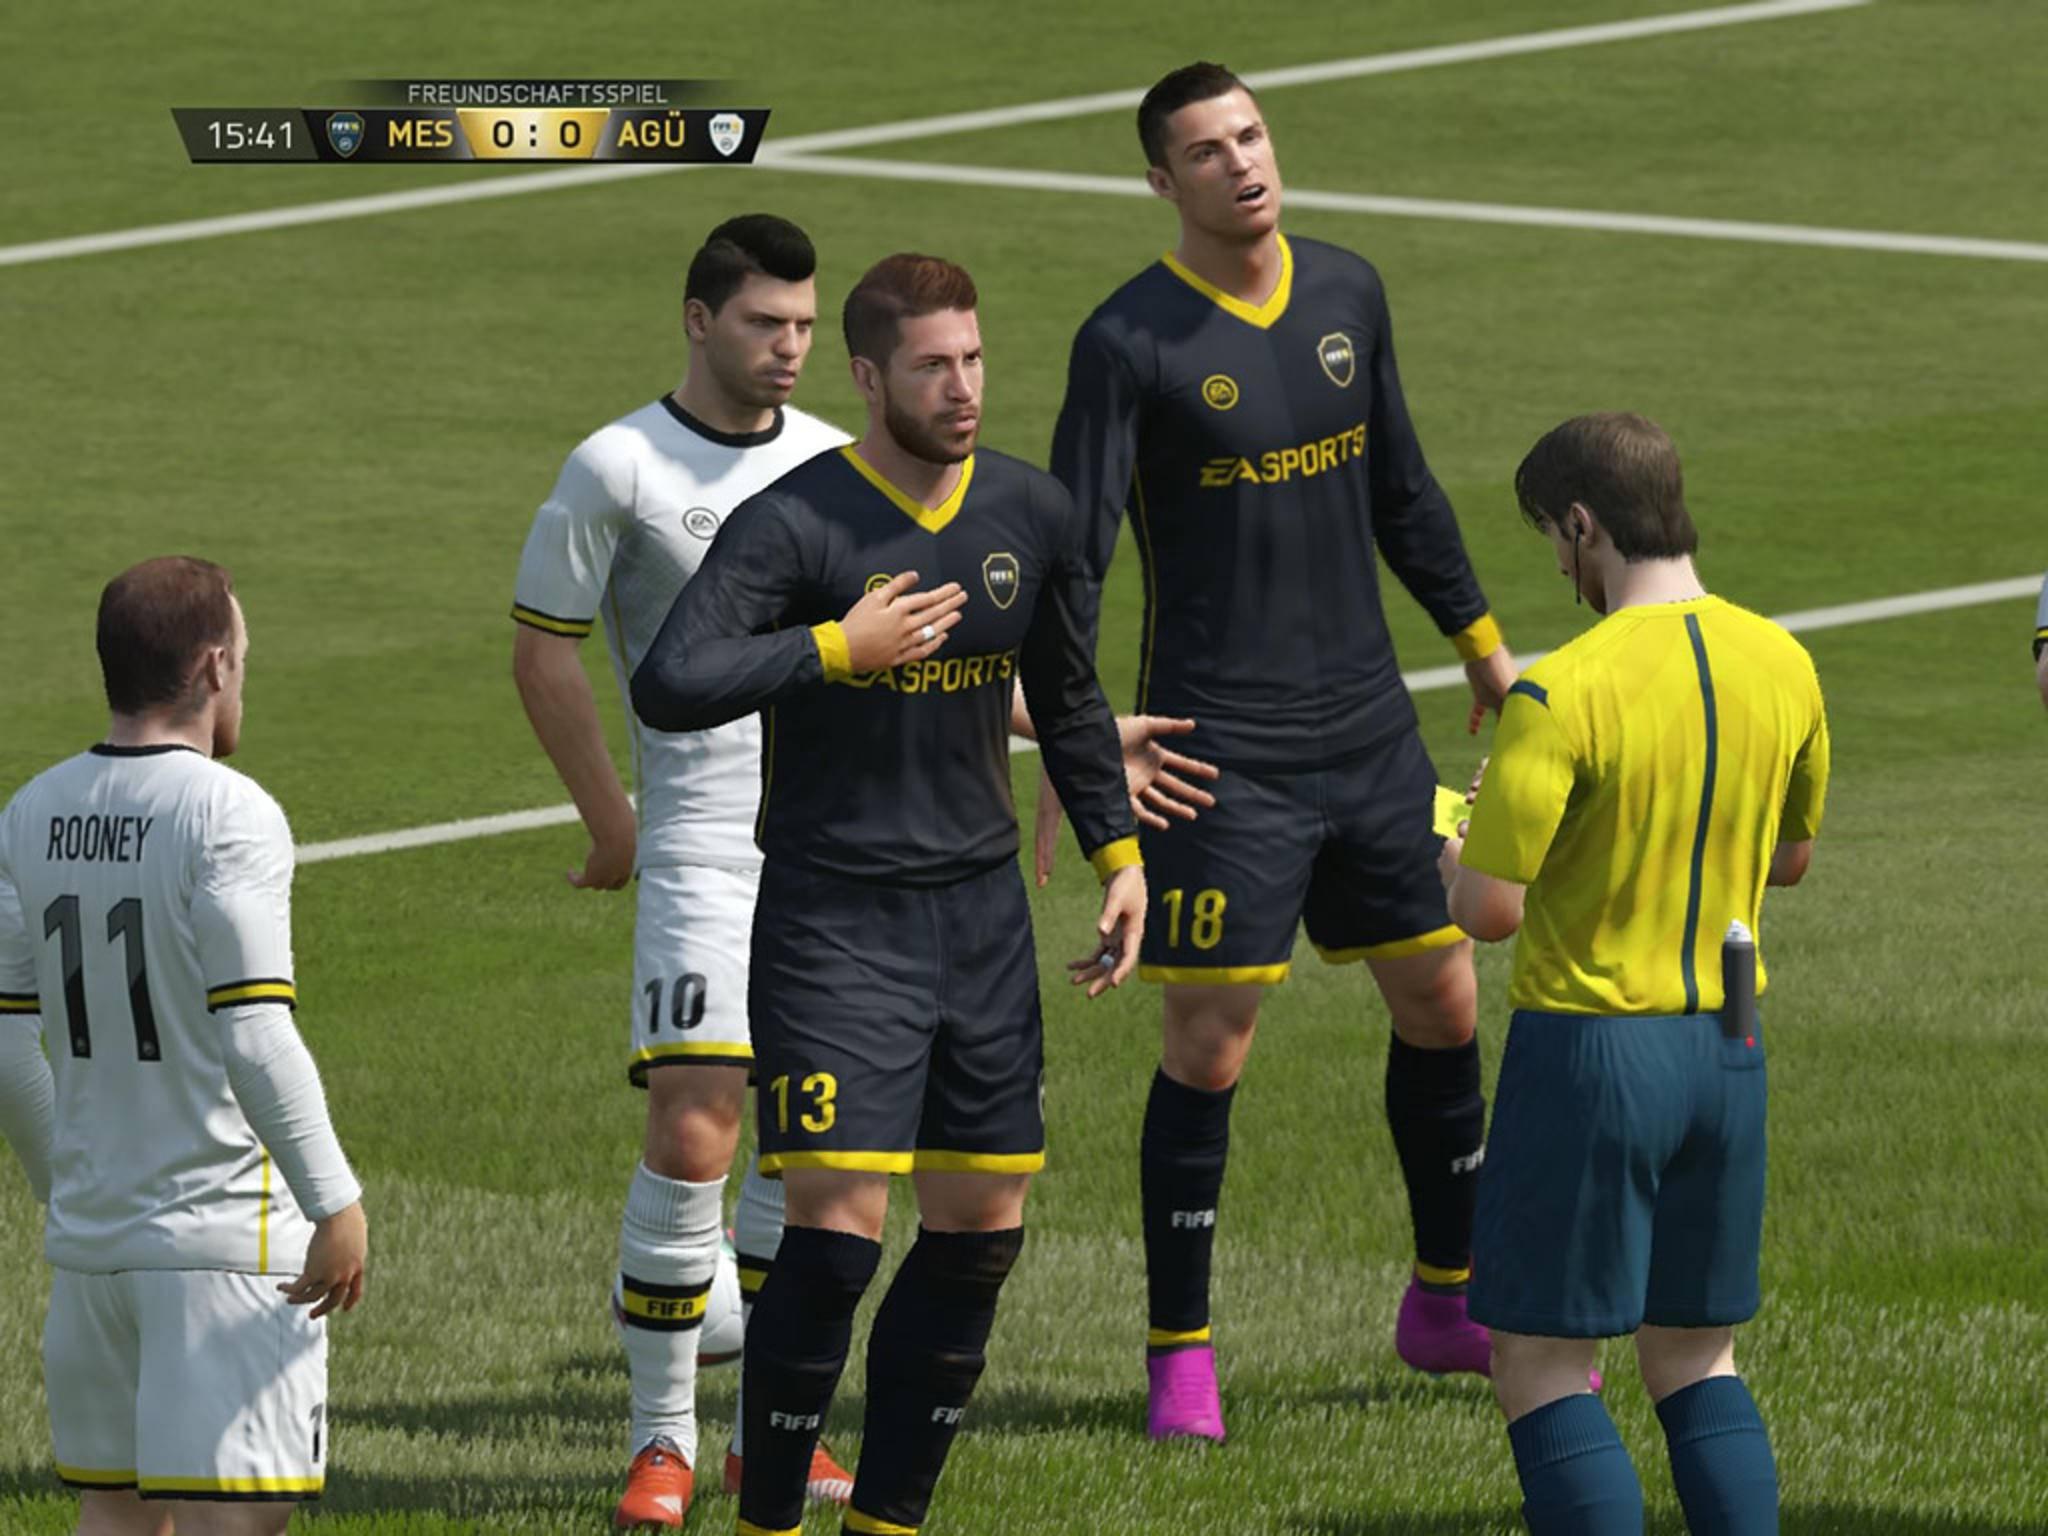 Nicht immer gehen die Spieler mit Schiedsrichterentscheidungen konform.